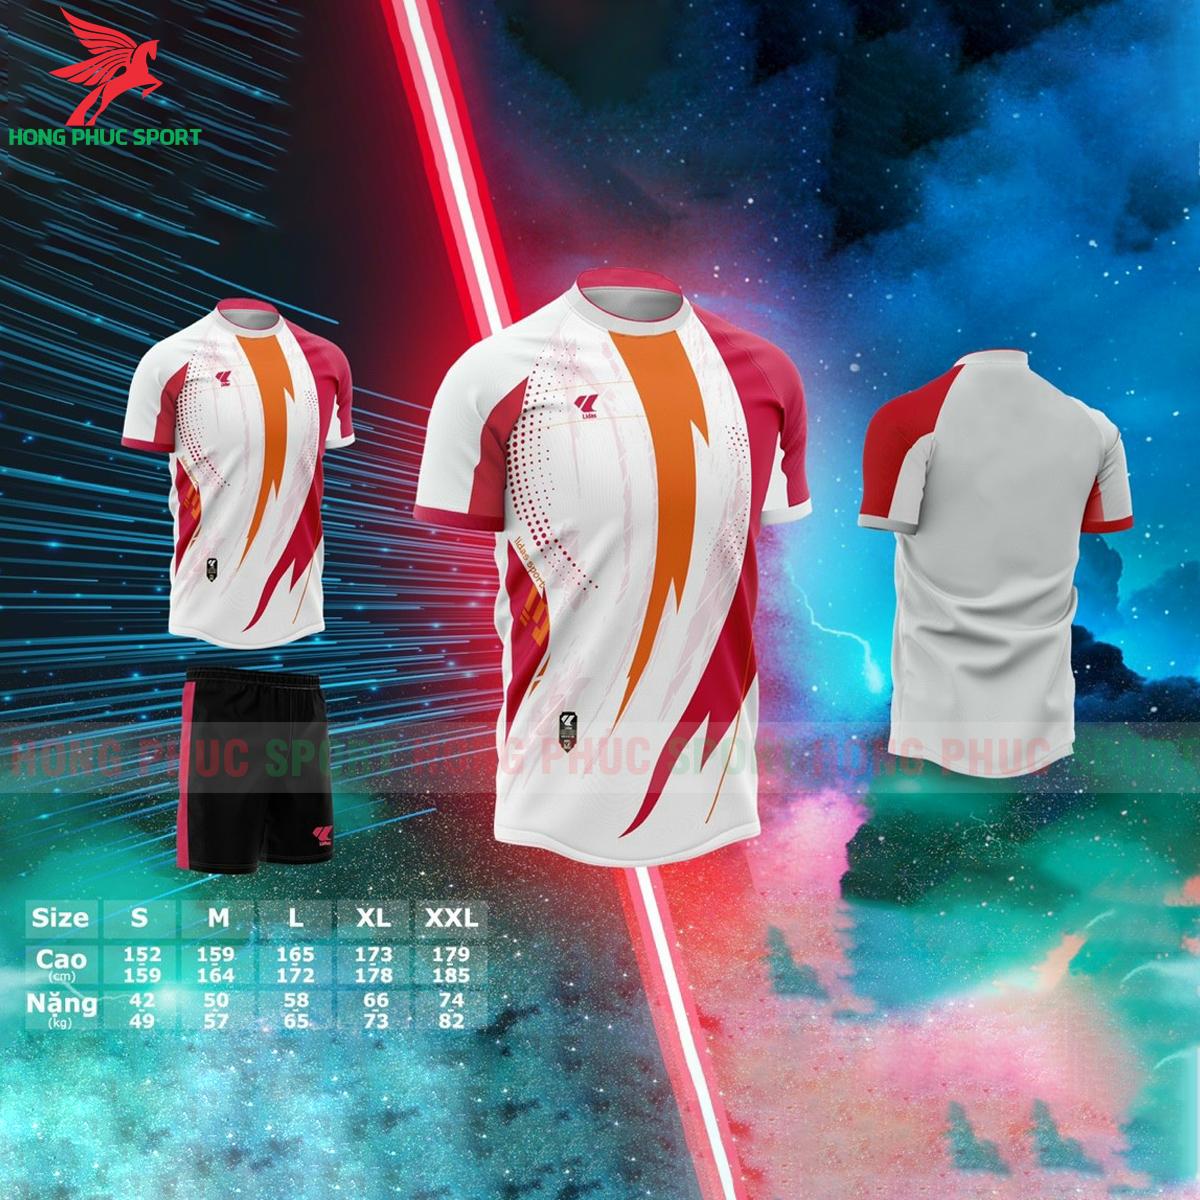 Áo bóng đá không logo Lidas Passionmàu đỏ phối cam